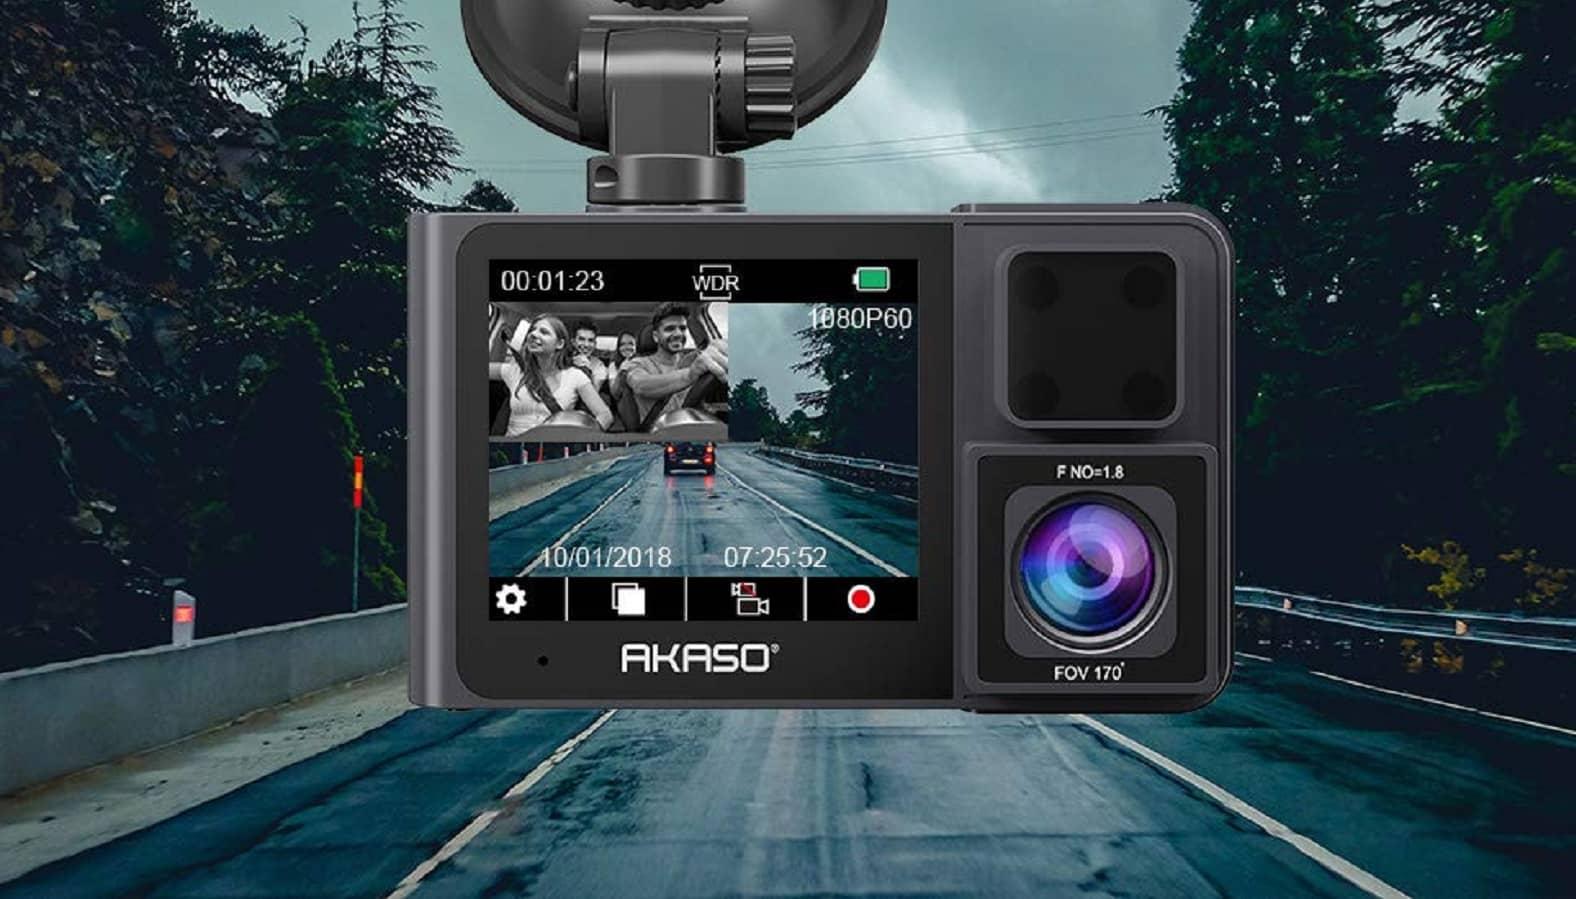 akaso trace 1 dashcam